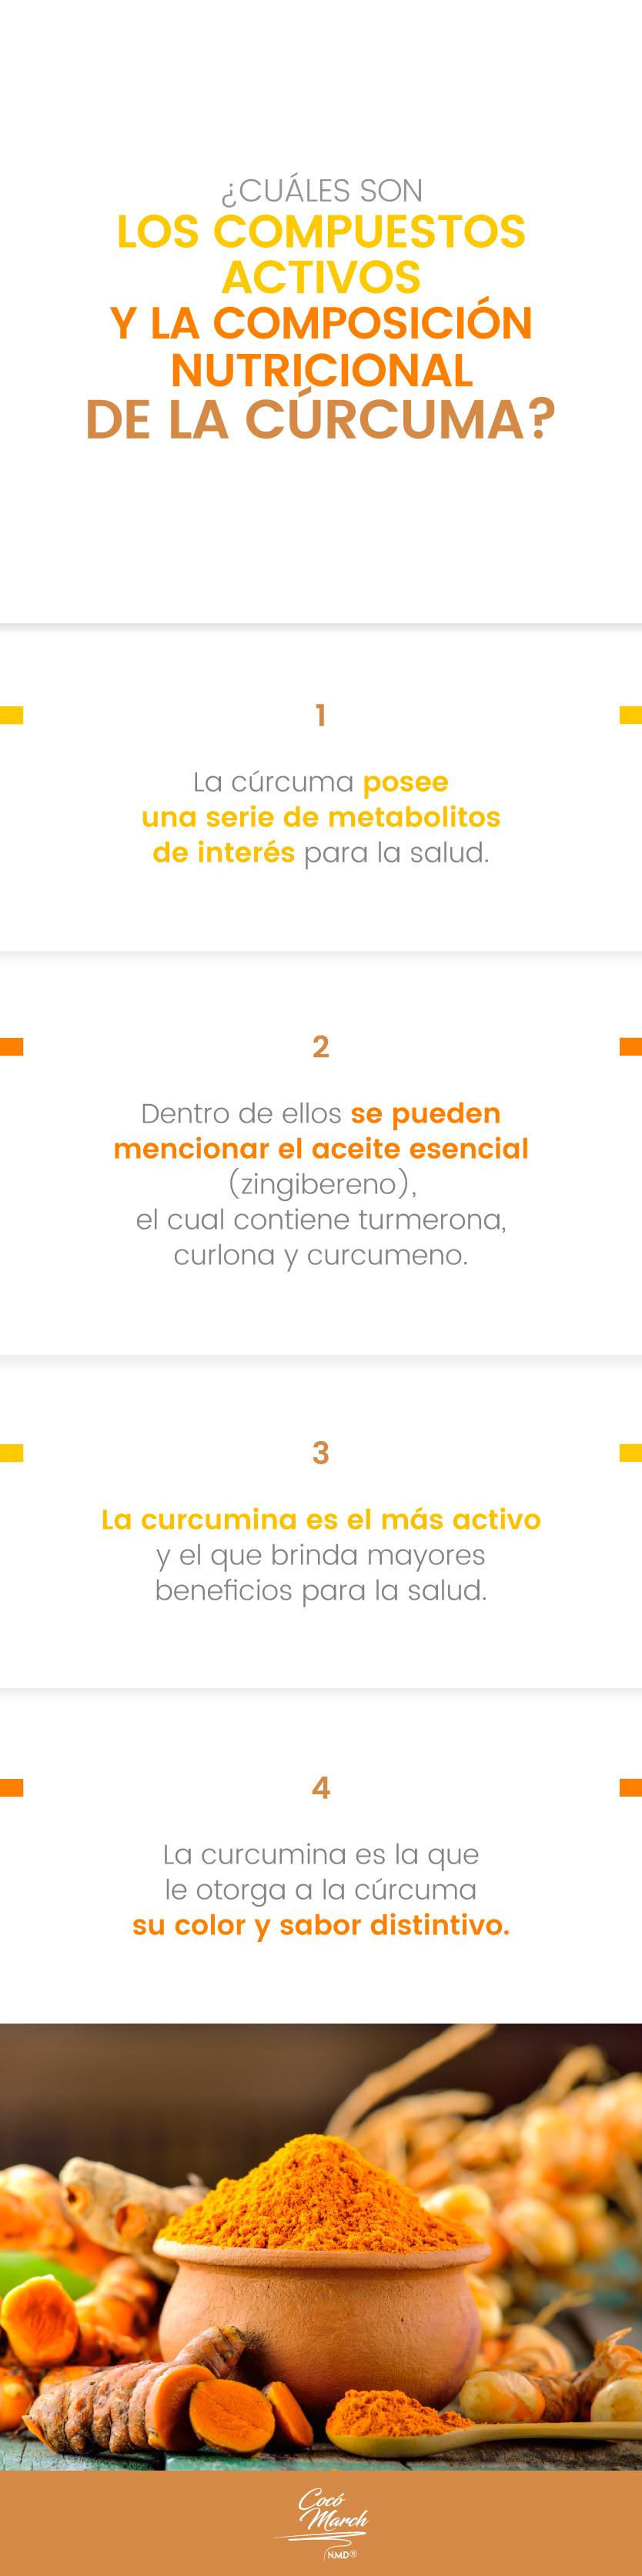 compuestos-activos-y-composicion-nutricional-de-la-curcuma